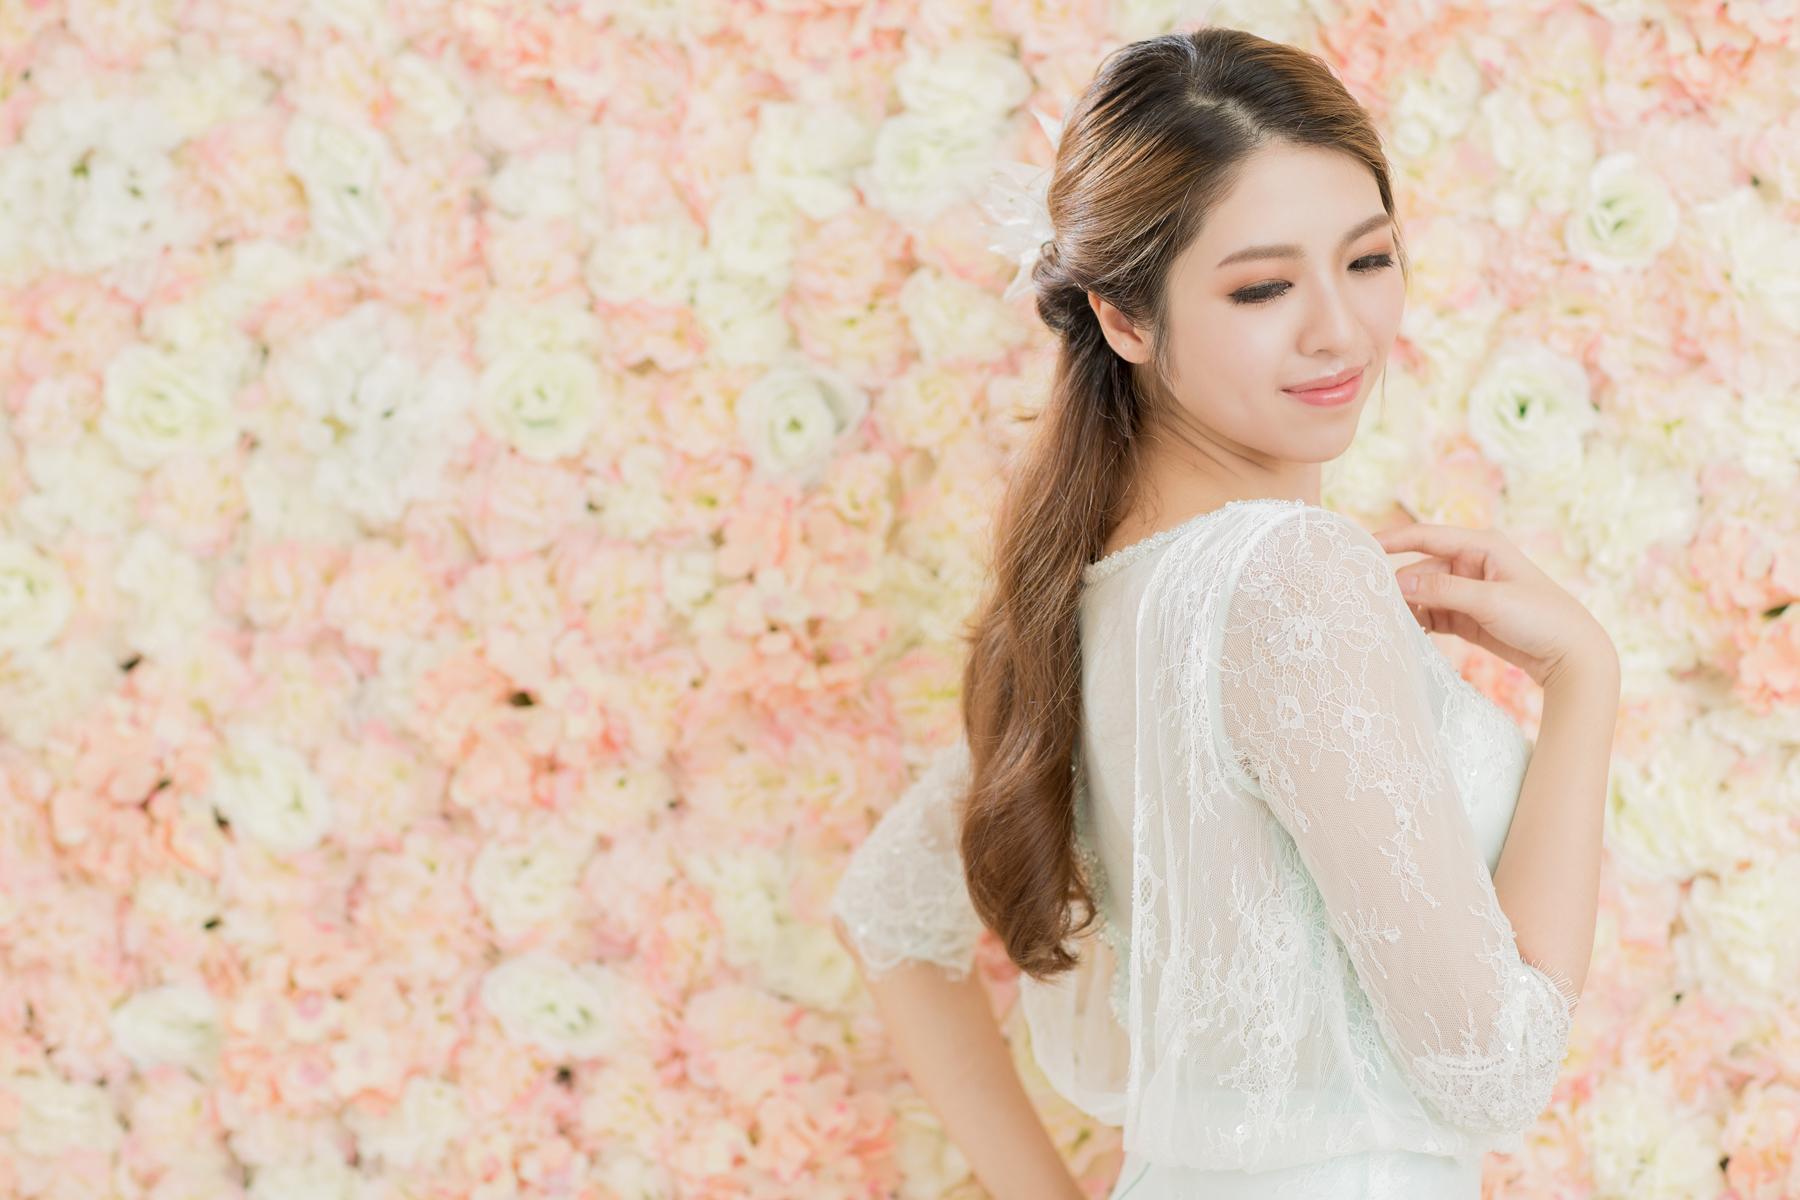 Annie_精選017-1s